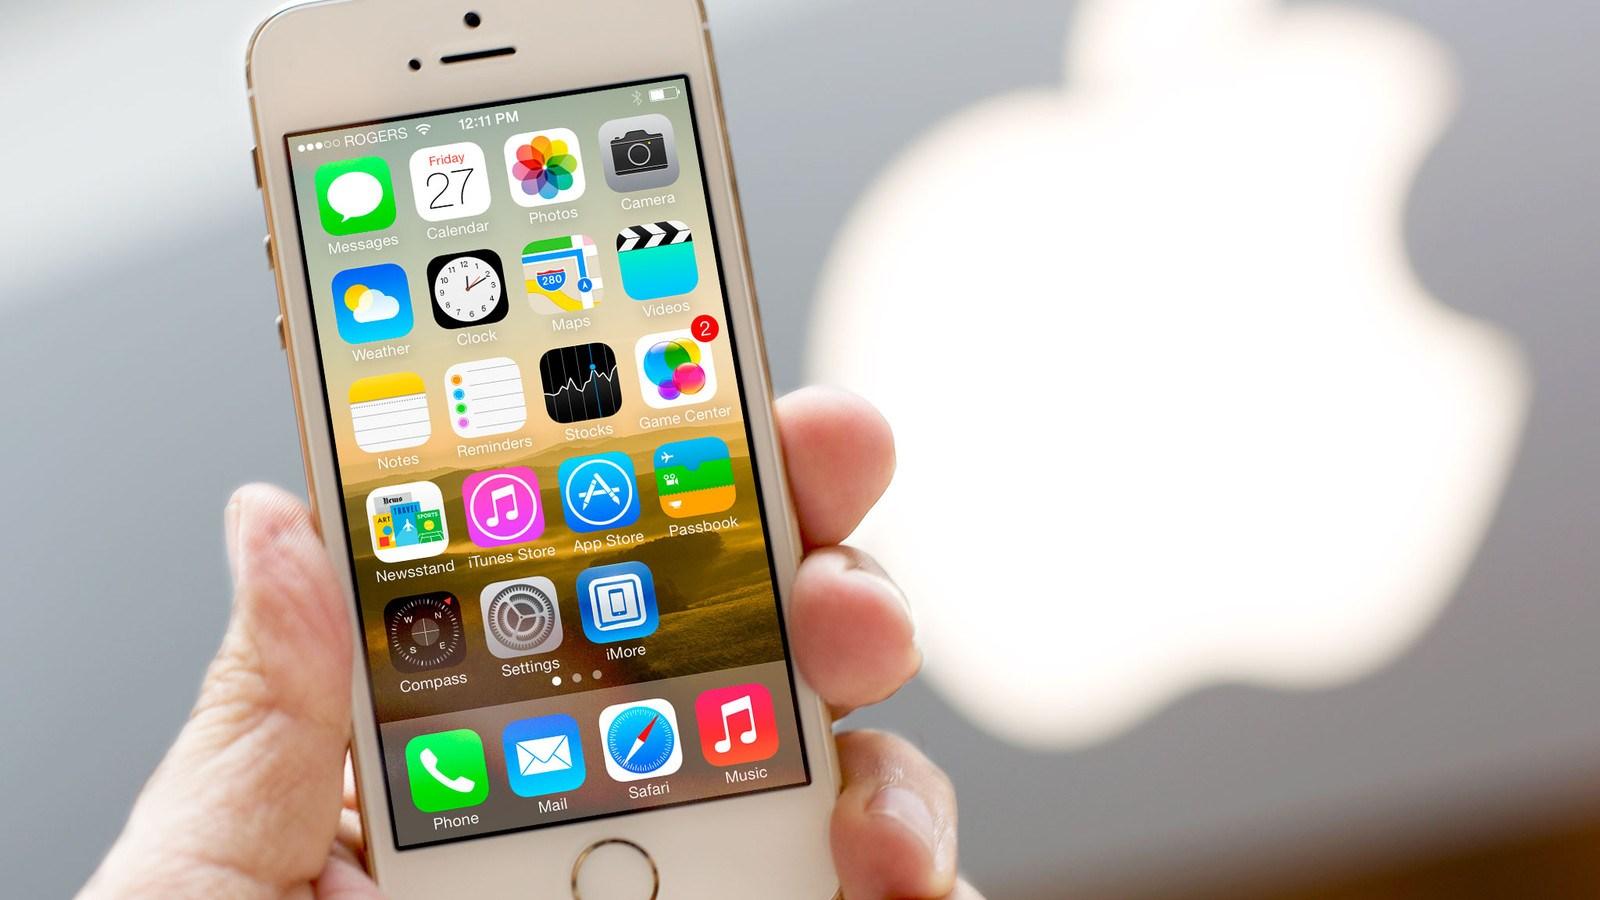 Arriva l'iPhone 7, rumors e indiscrezioni sullo smartphone Apple